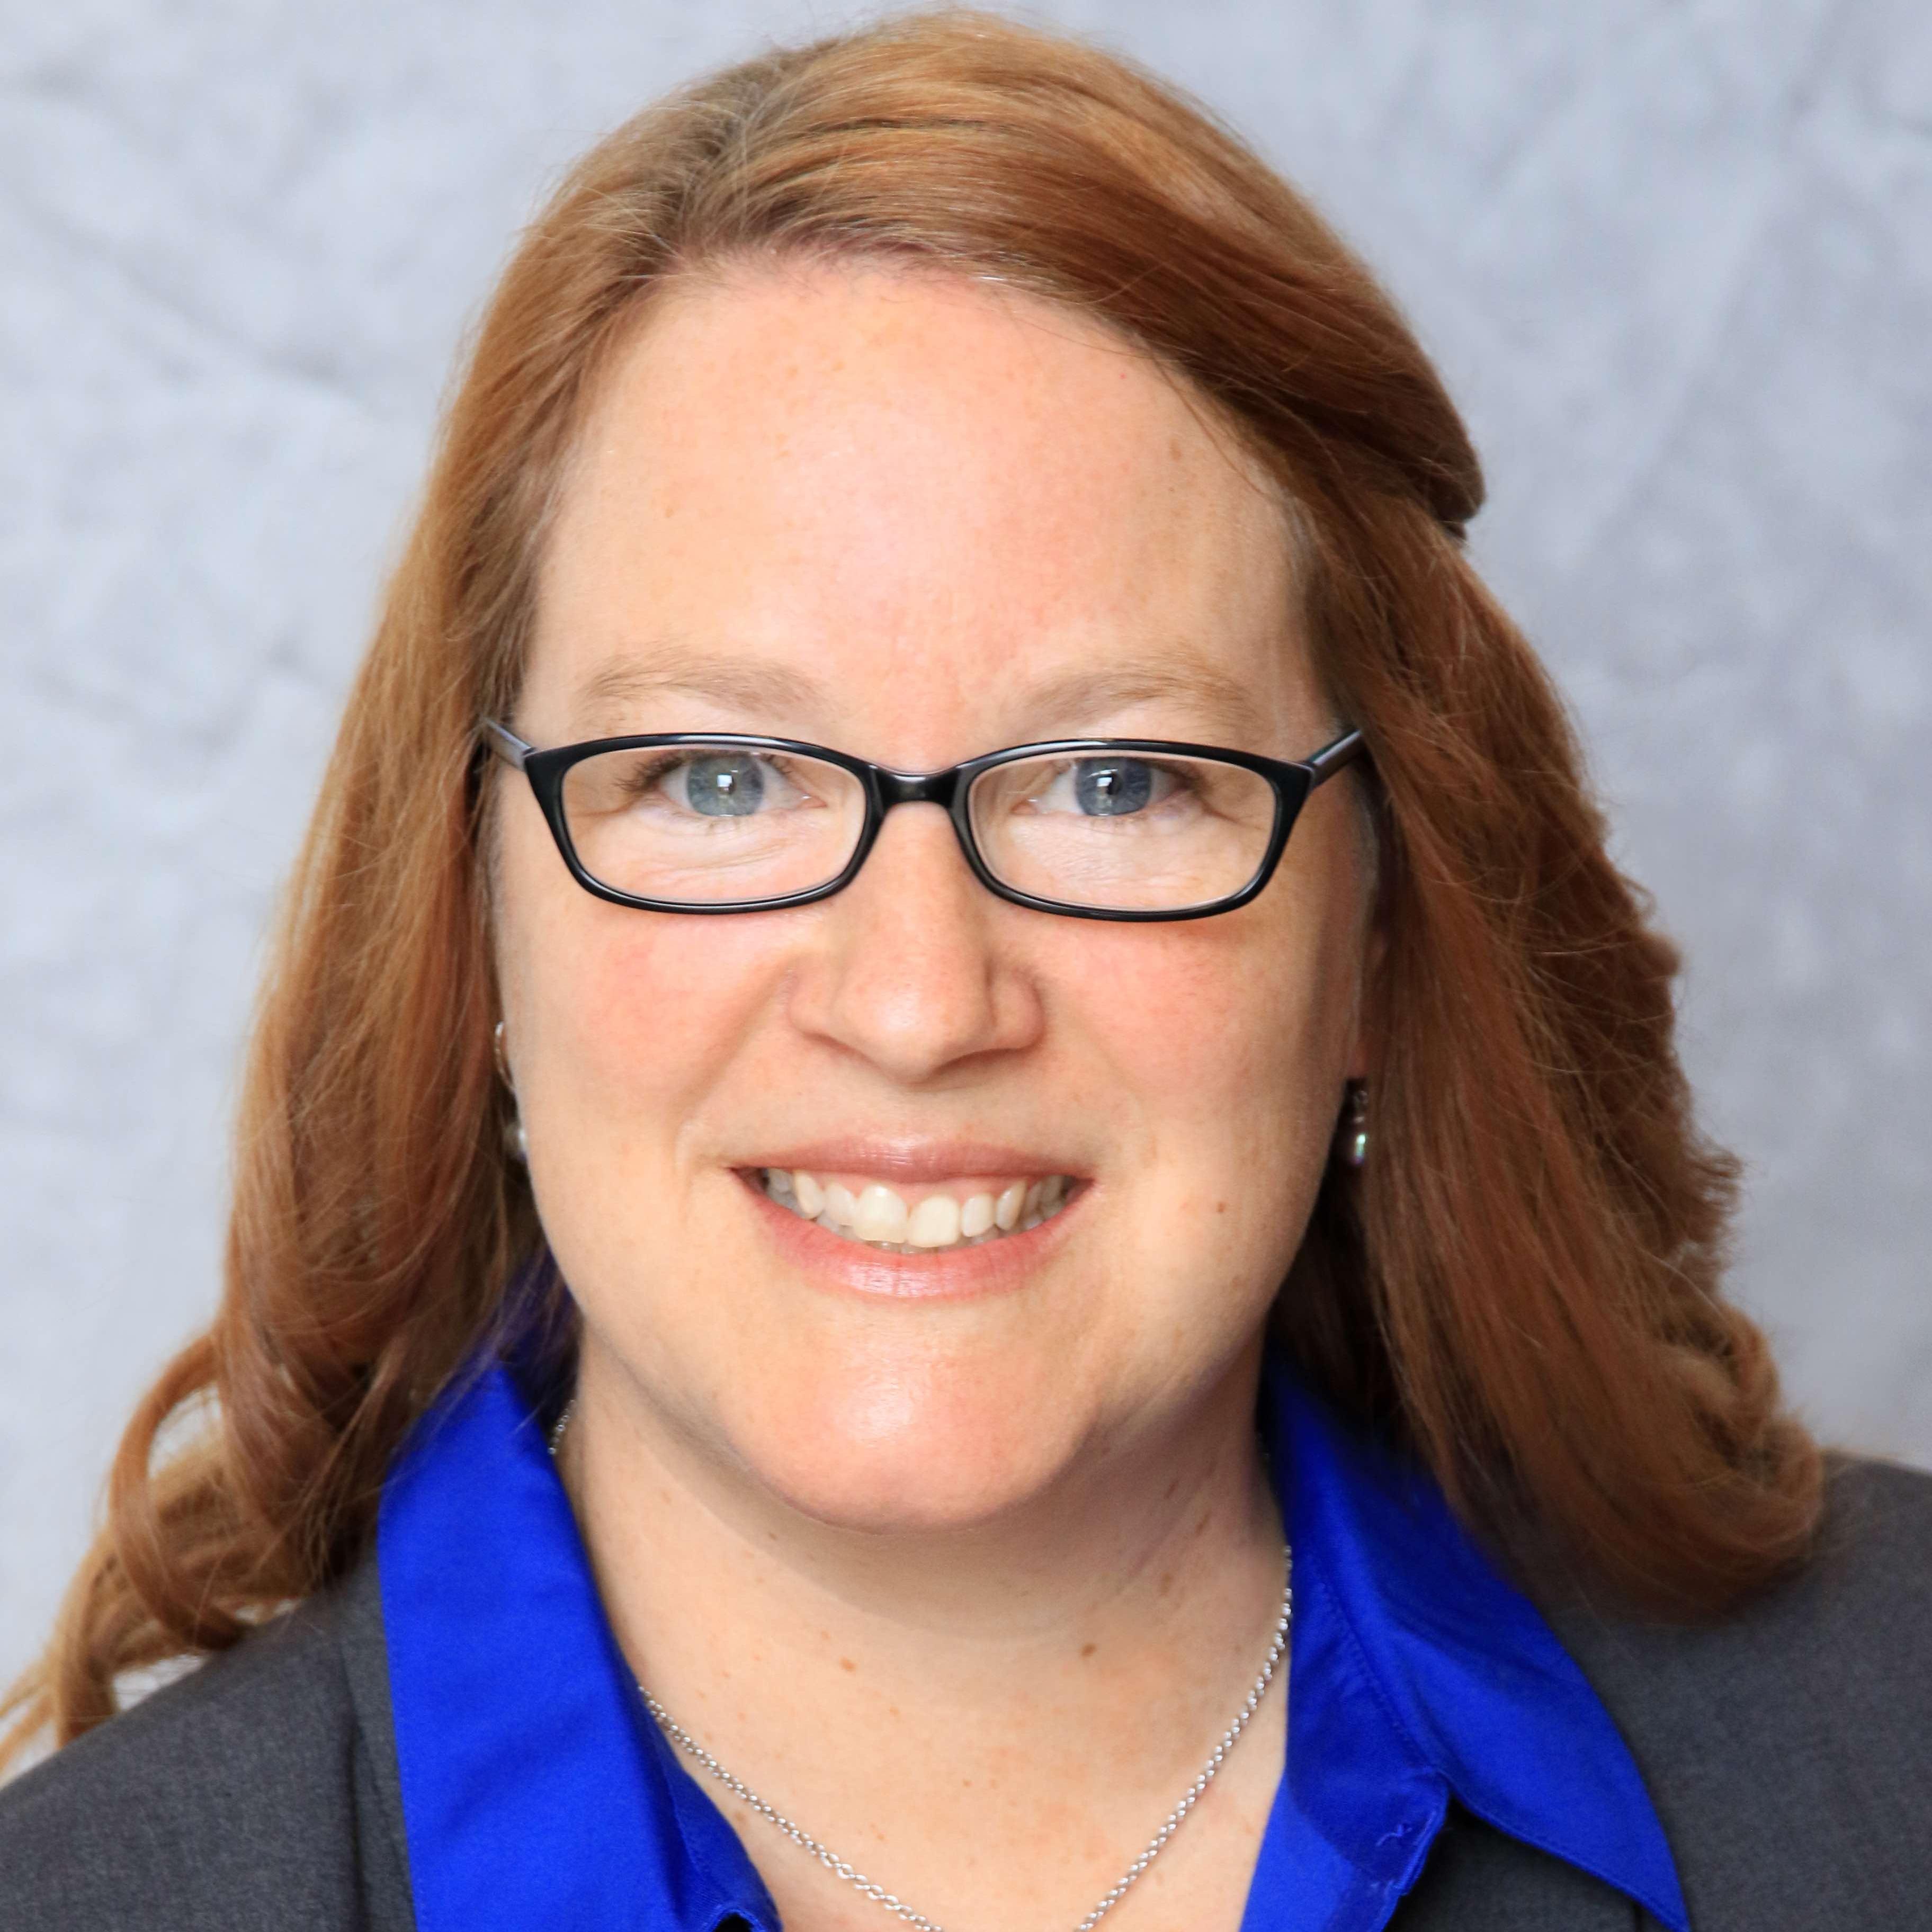 Lori Gray